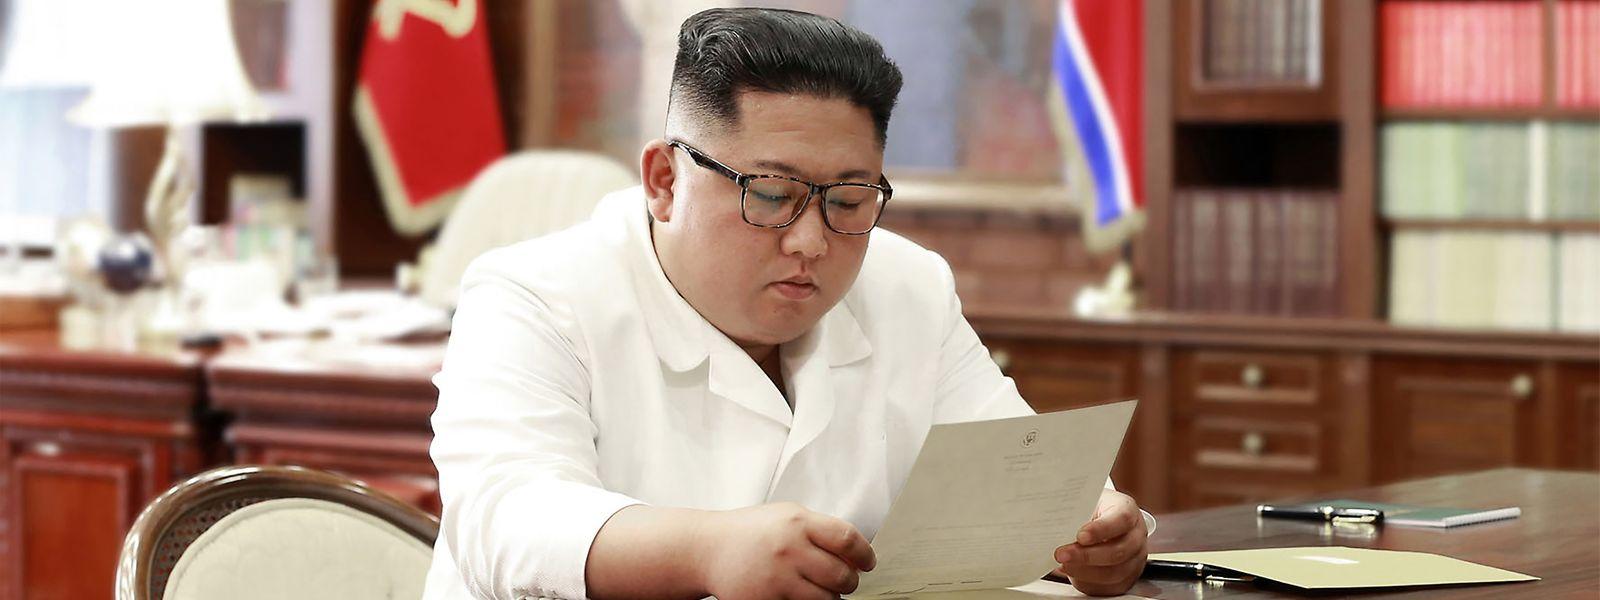 Le président nord-coréen n'est pas avare en changement d'attitude, compris en jouant subitement au pacifiste.